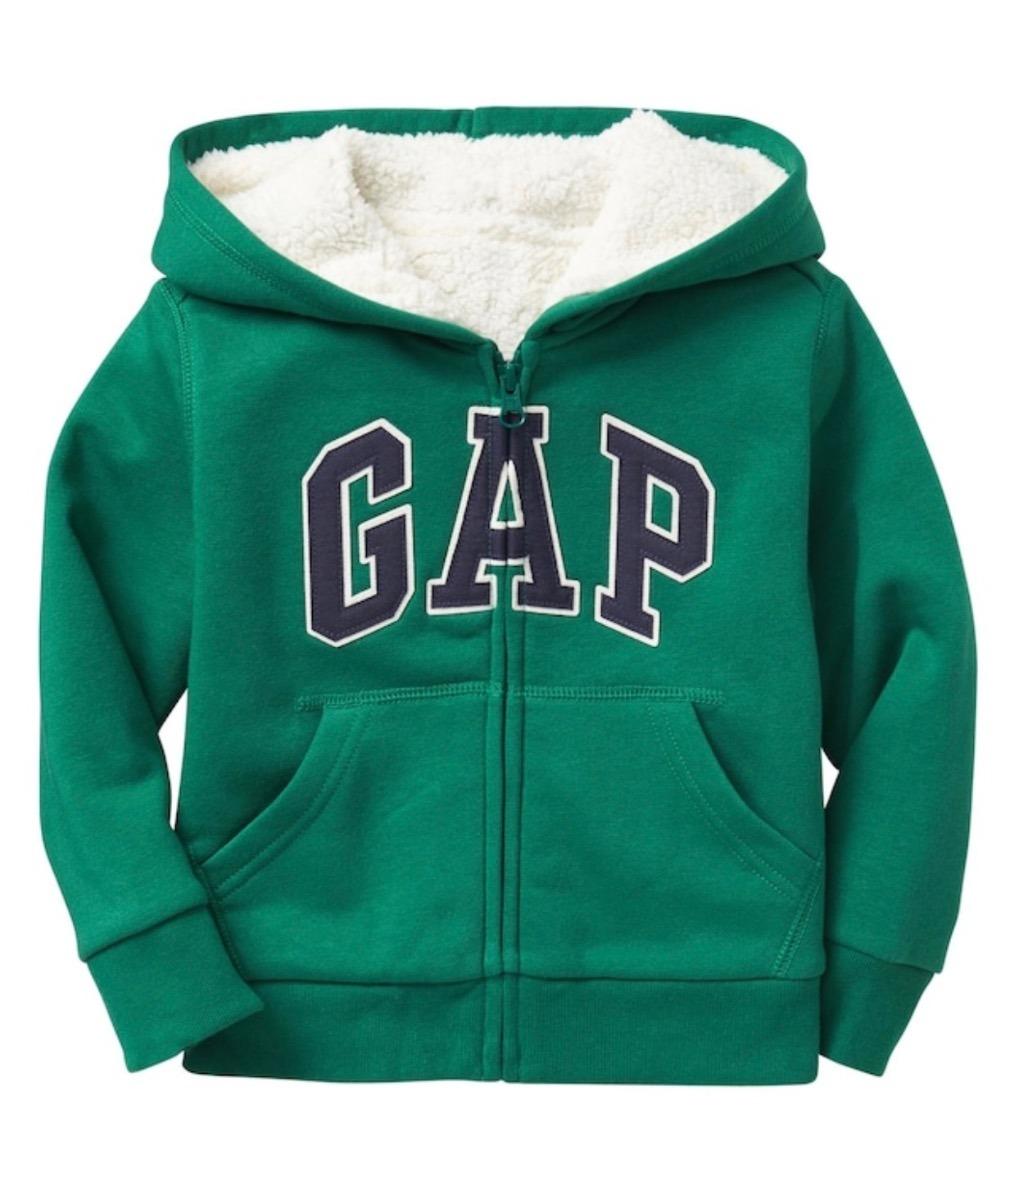 Verde Con 4 Niños Nueva Talle 5 Abrigo Campera Corderito Gap B6qw11